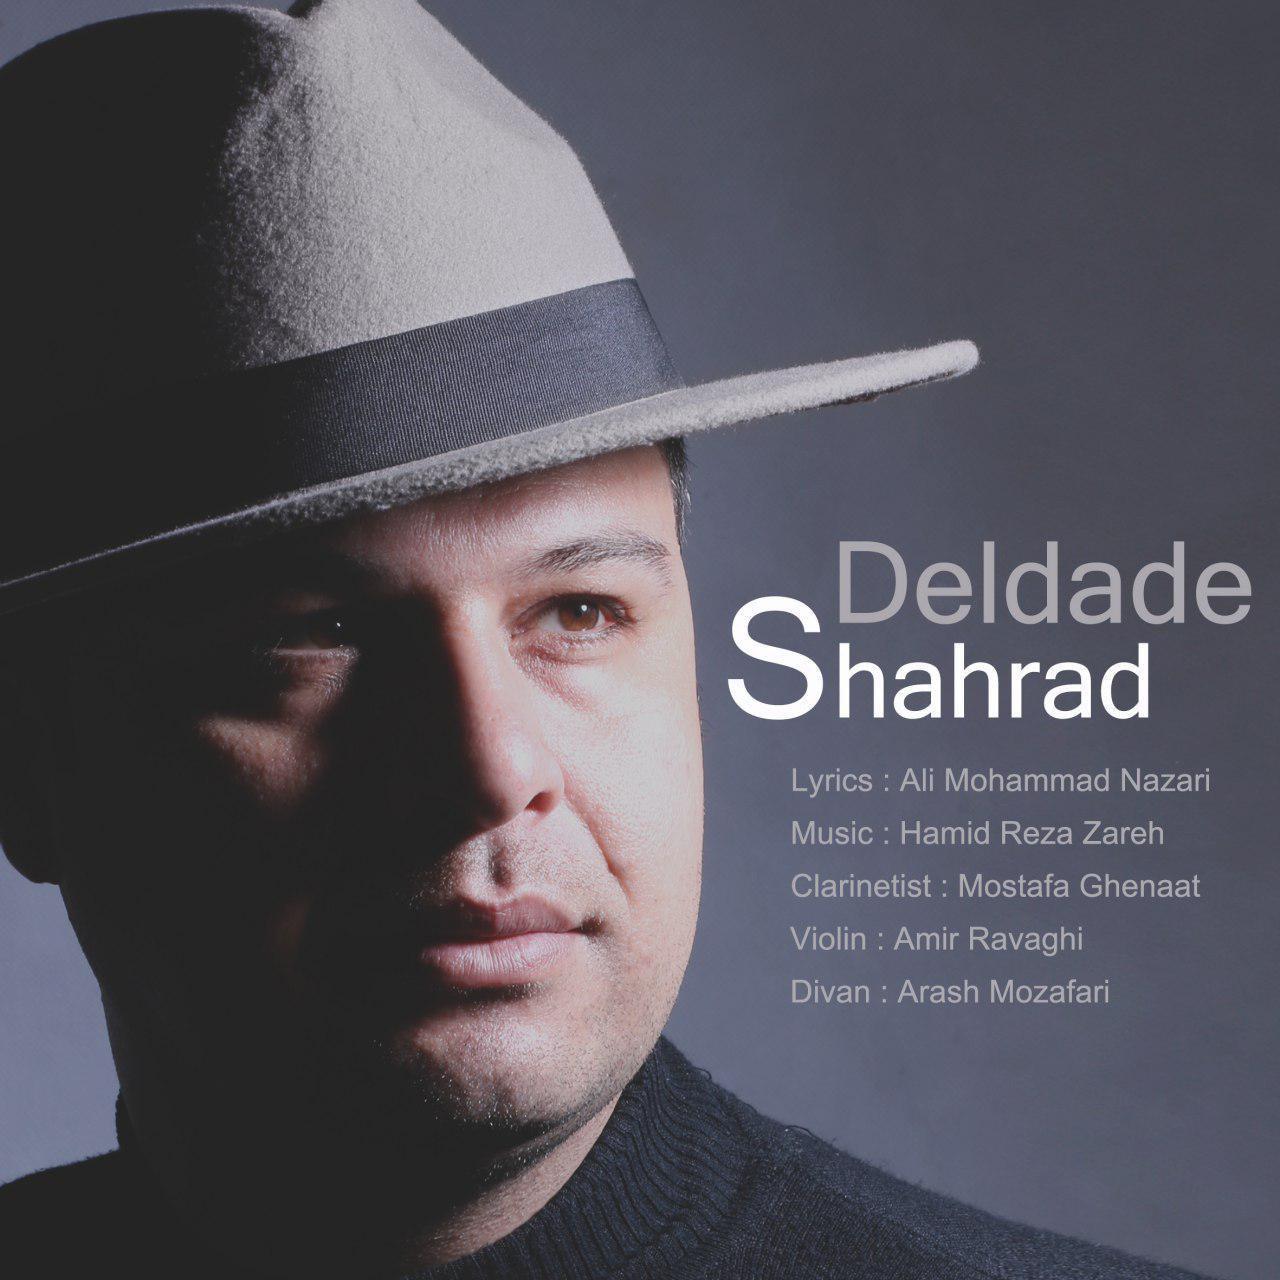 Shahrad Sistan – Deldade